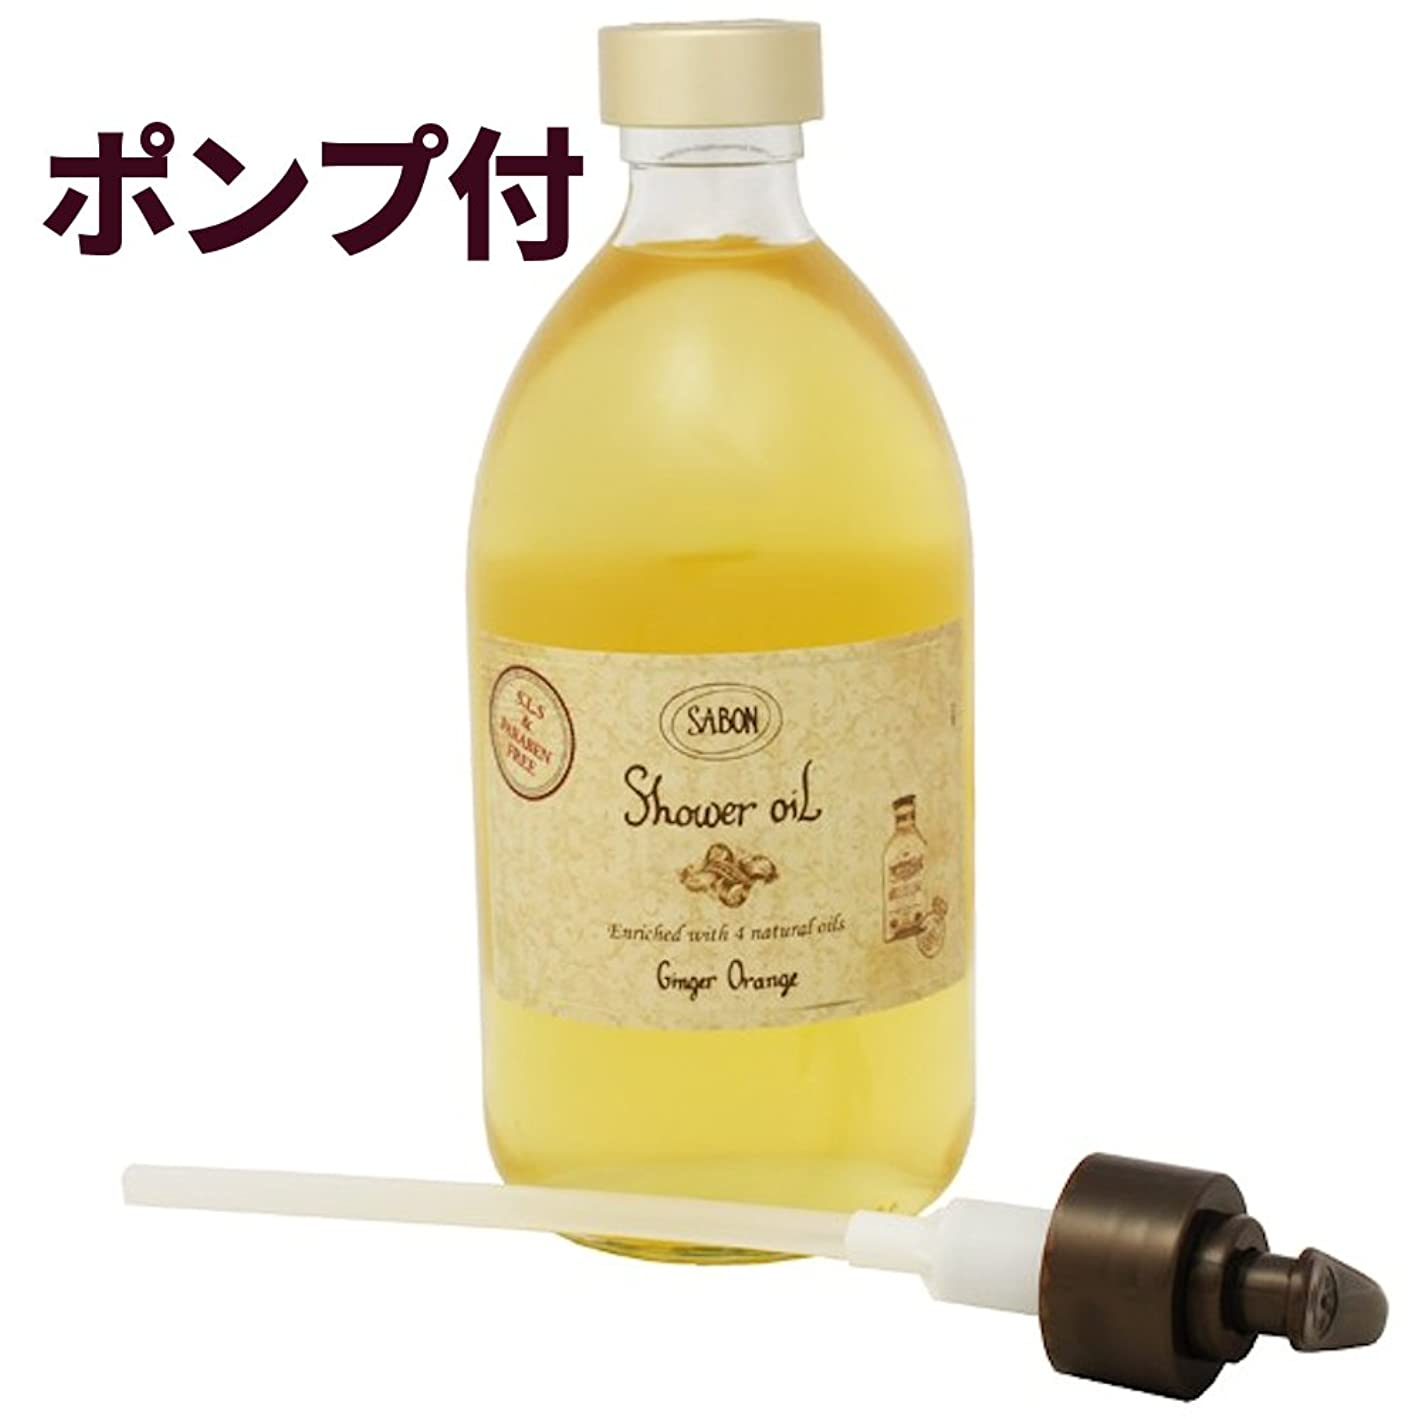 アヒル腸大型トラックサボン シャワーオイル ジンジャーオレンジ 500ml(並行輸入品)